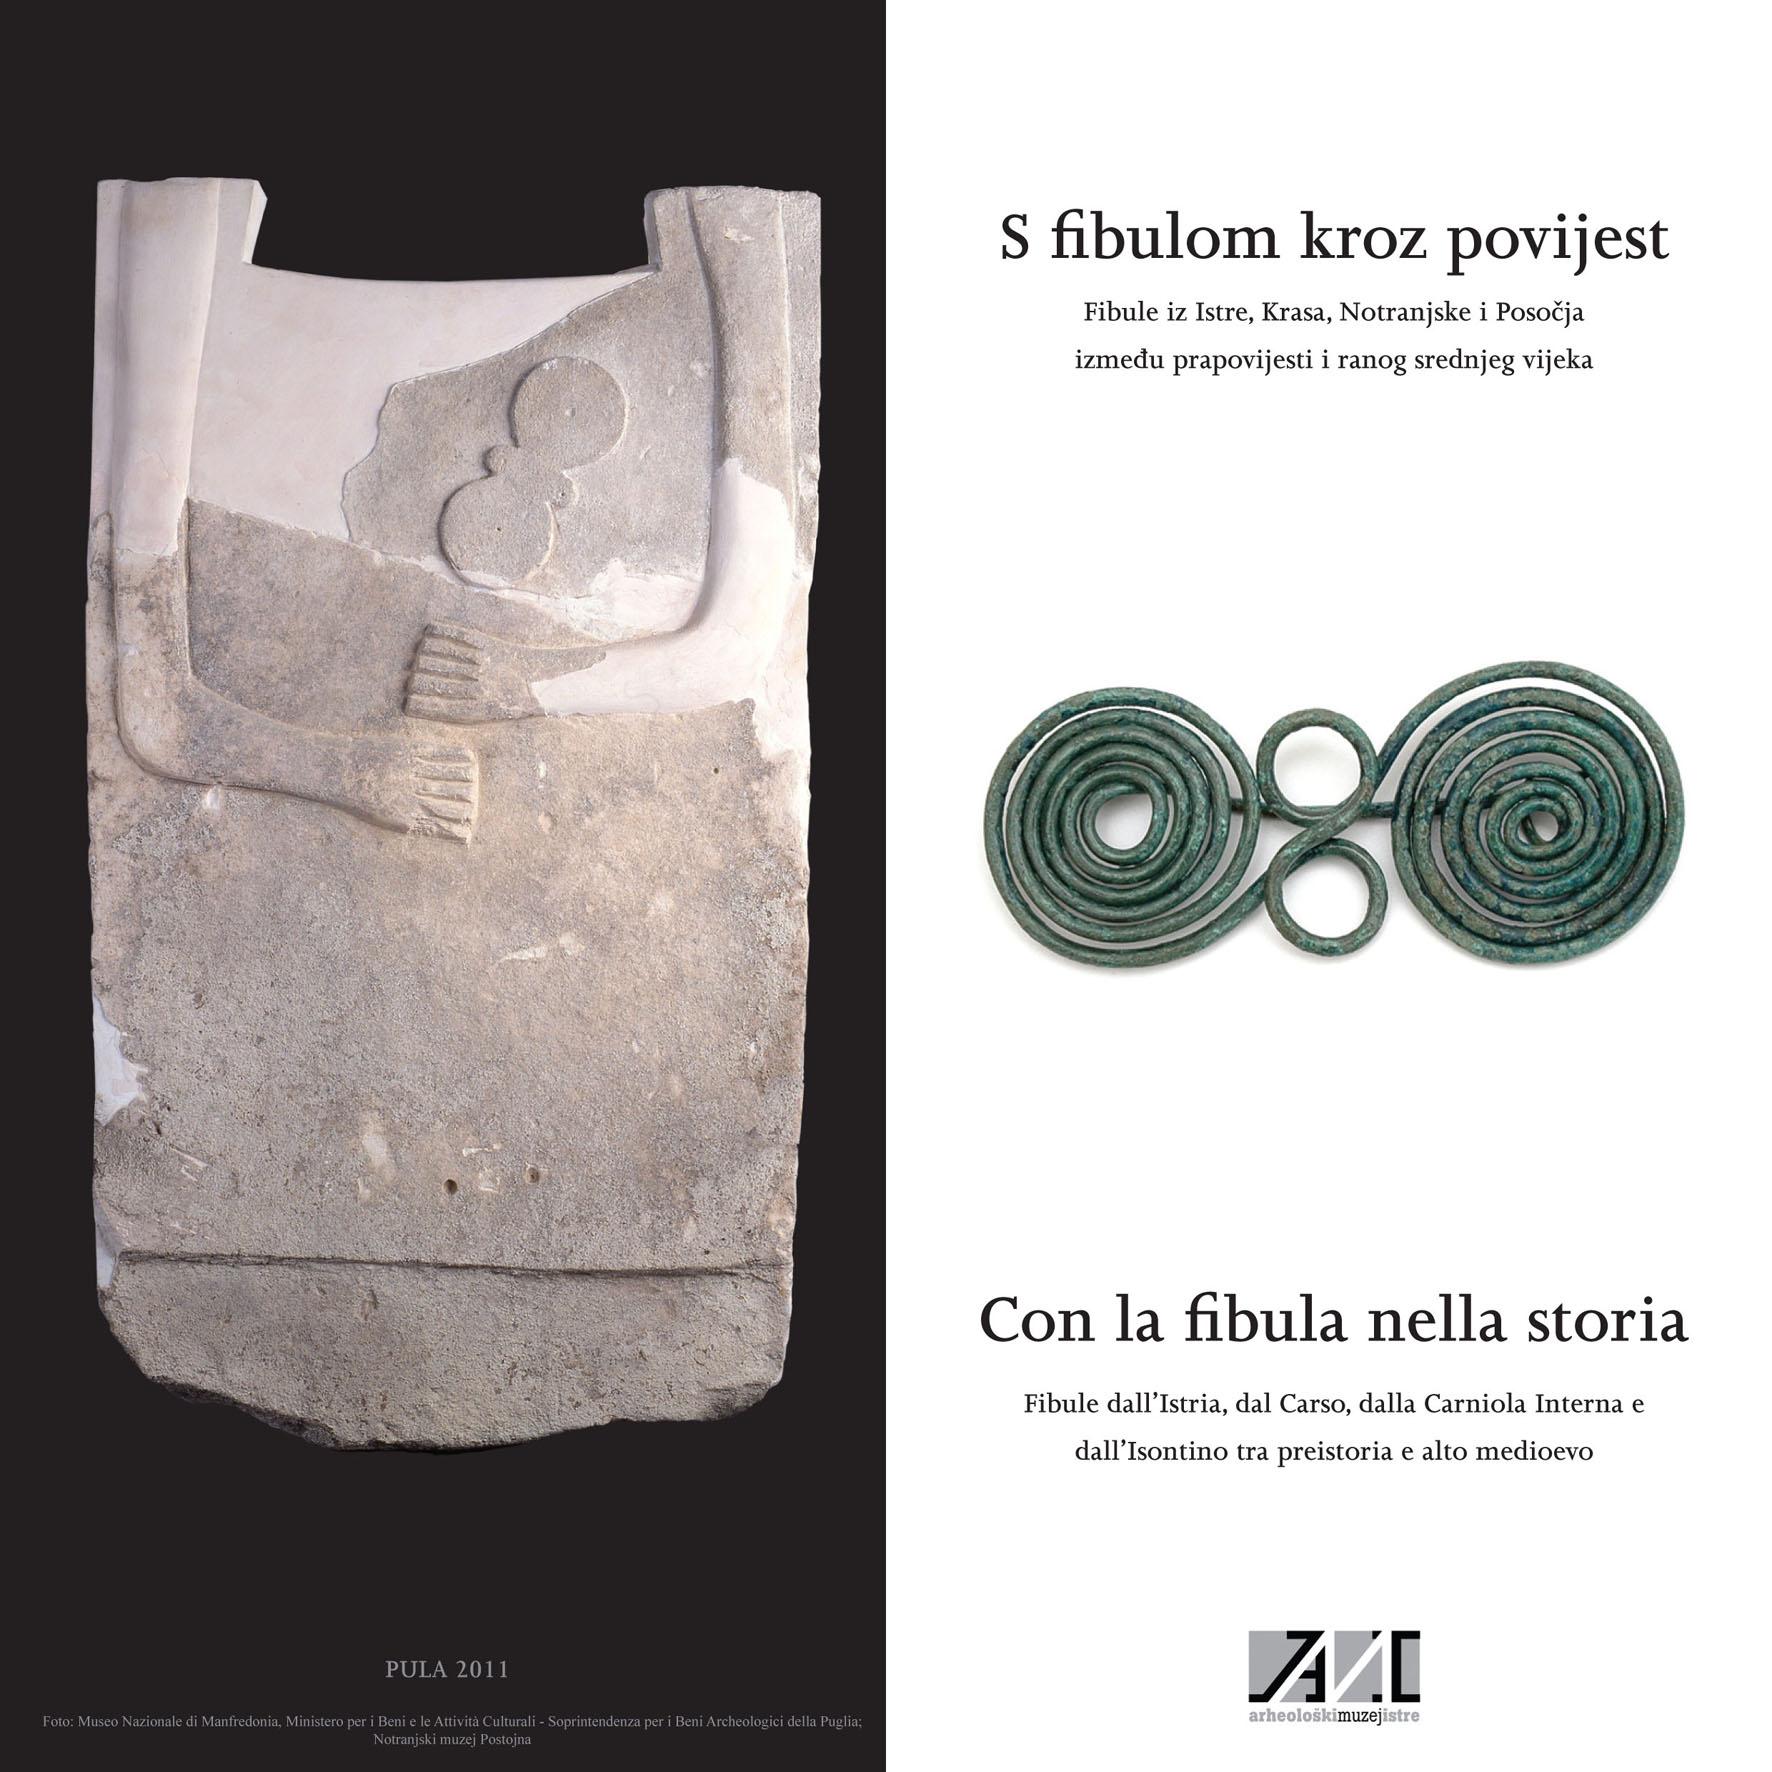 AMI - Otvorenje izložbe 'S fibulom kroz povijest'. Izvor: AMI PRESS.